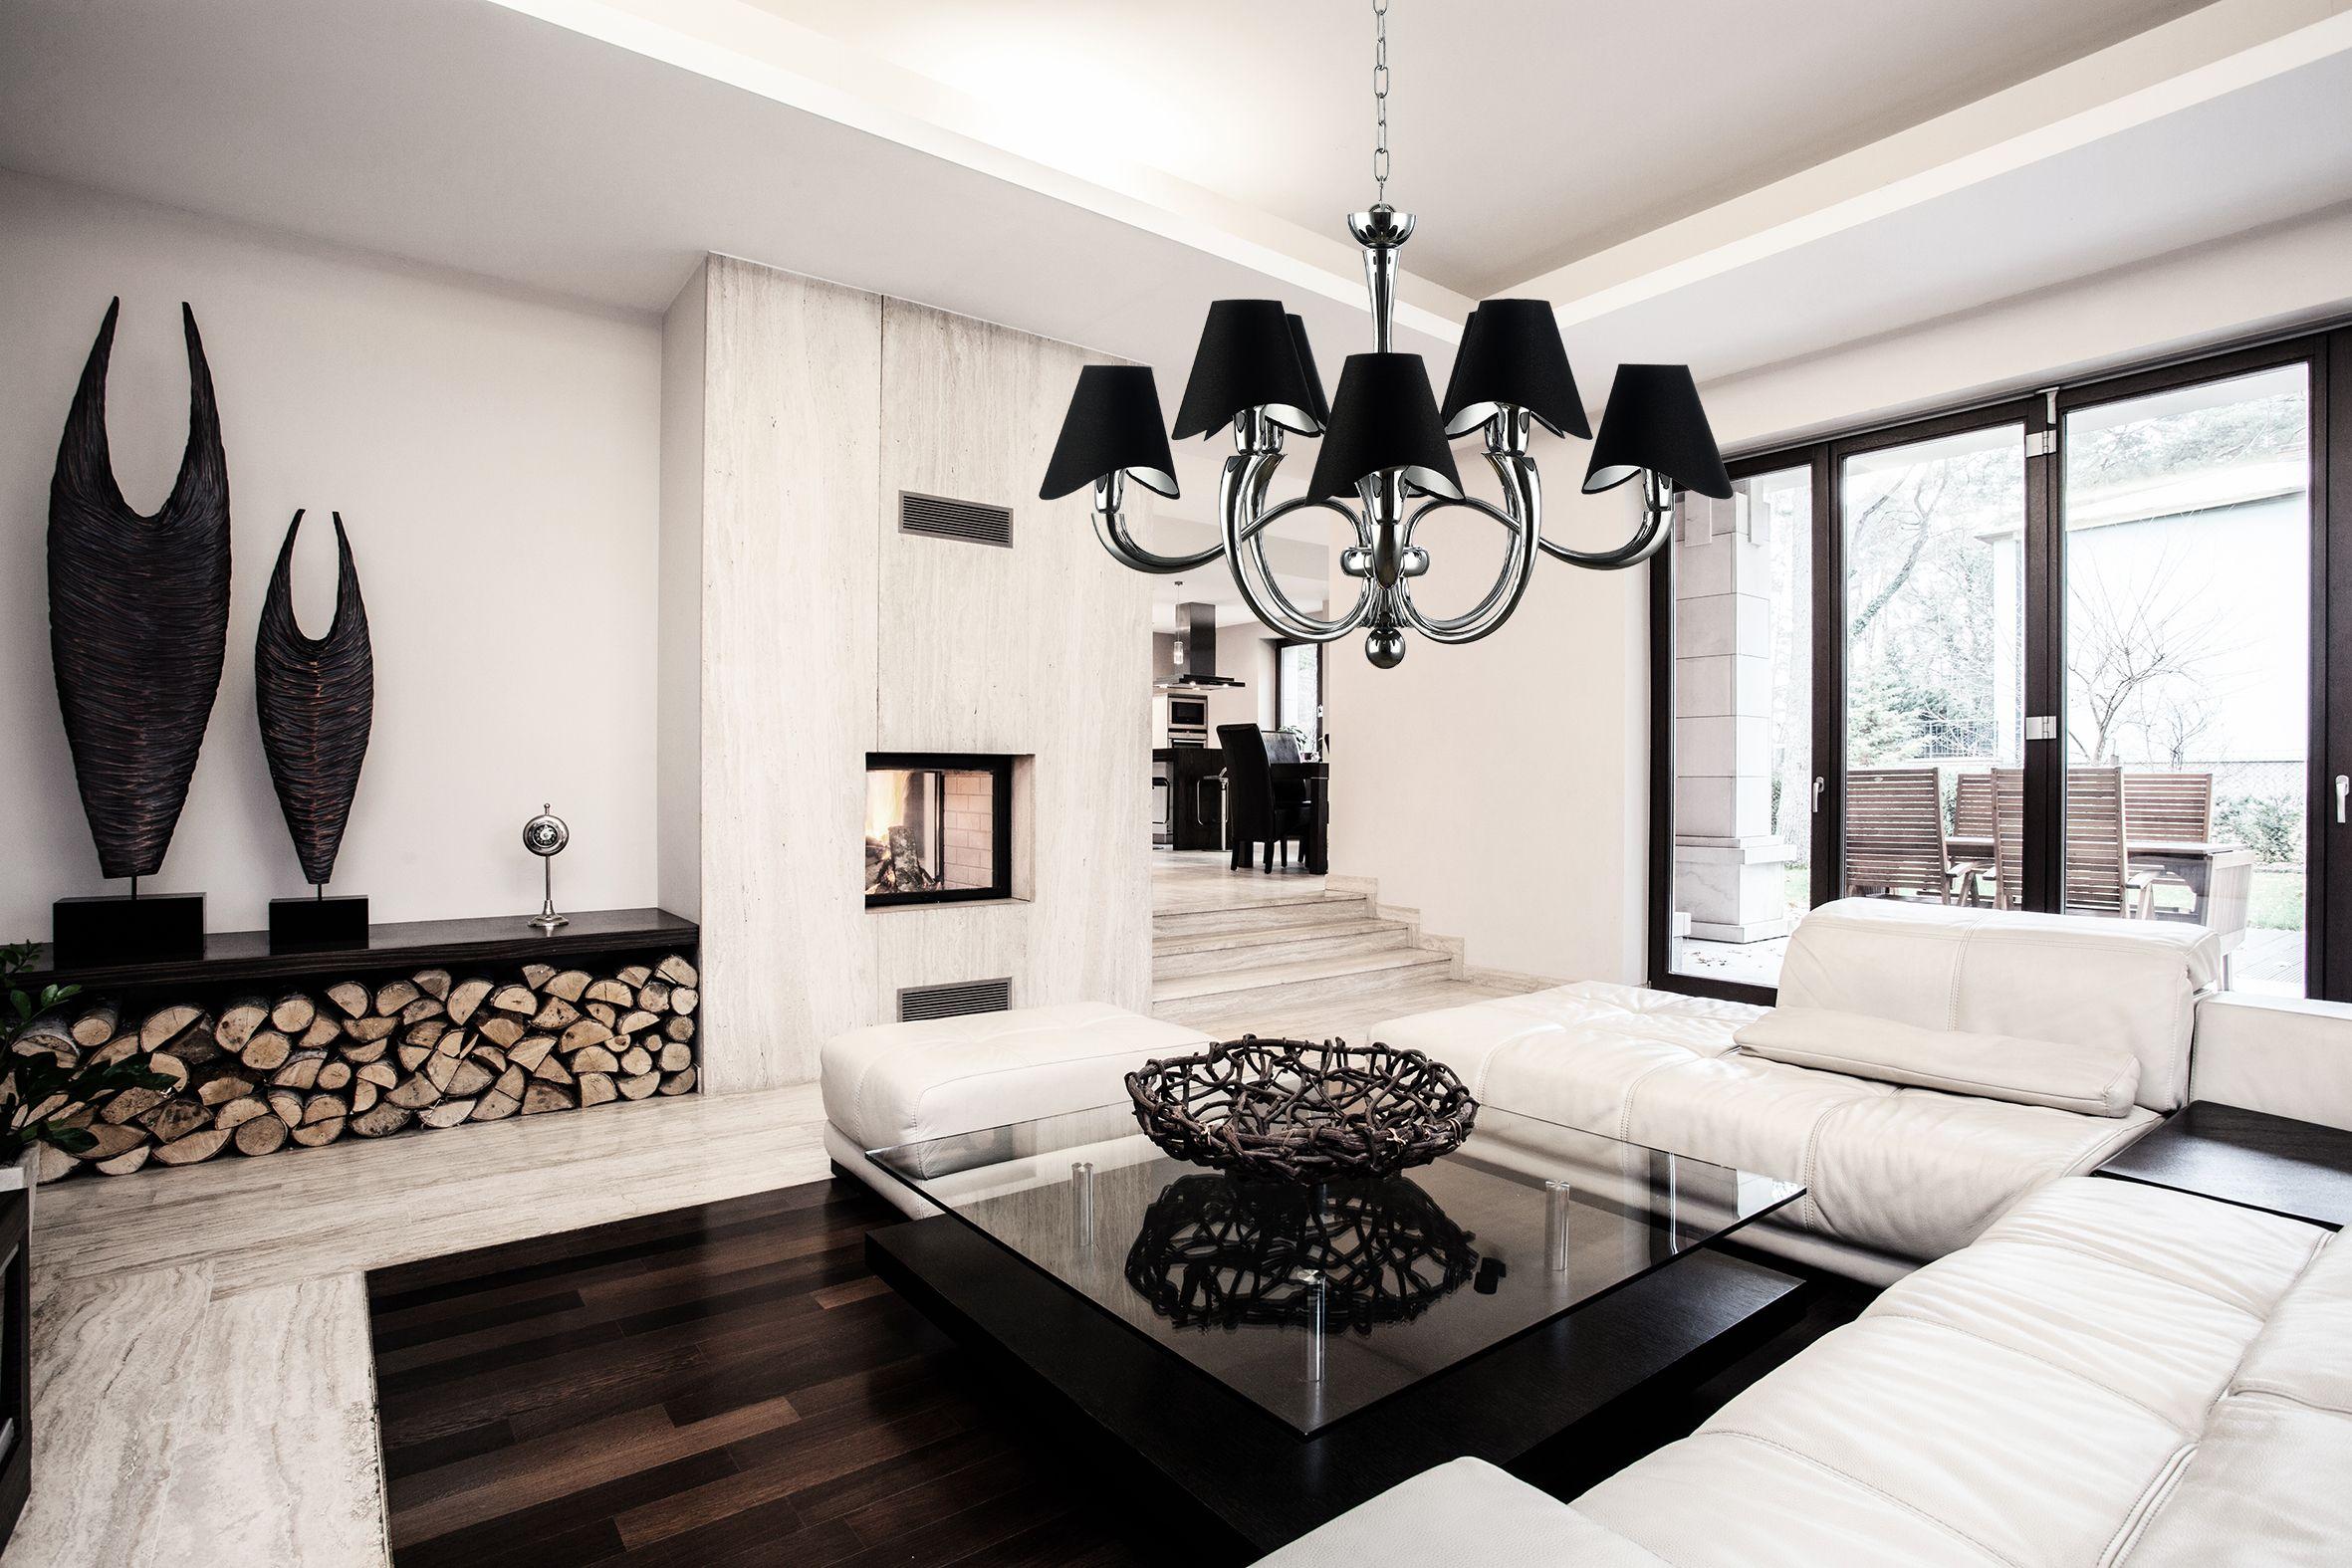 Trend Edler Wohnzimmer Kronleuchter Boscage in Nickel mit schwarzen Lampenschirmen von Maytoni Kaufen im